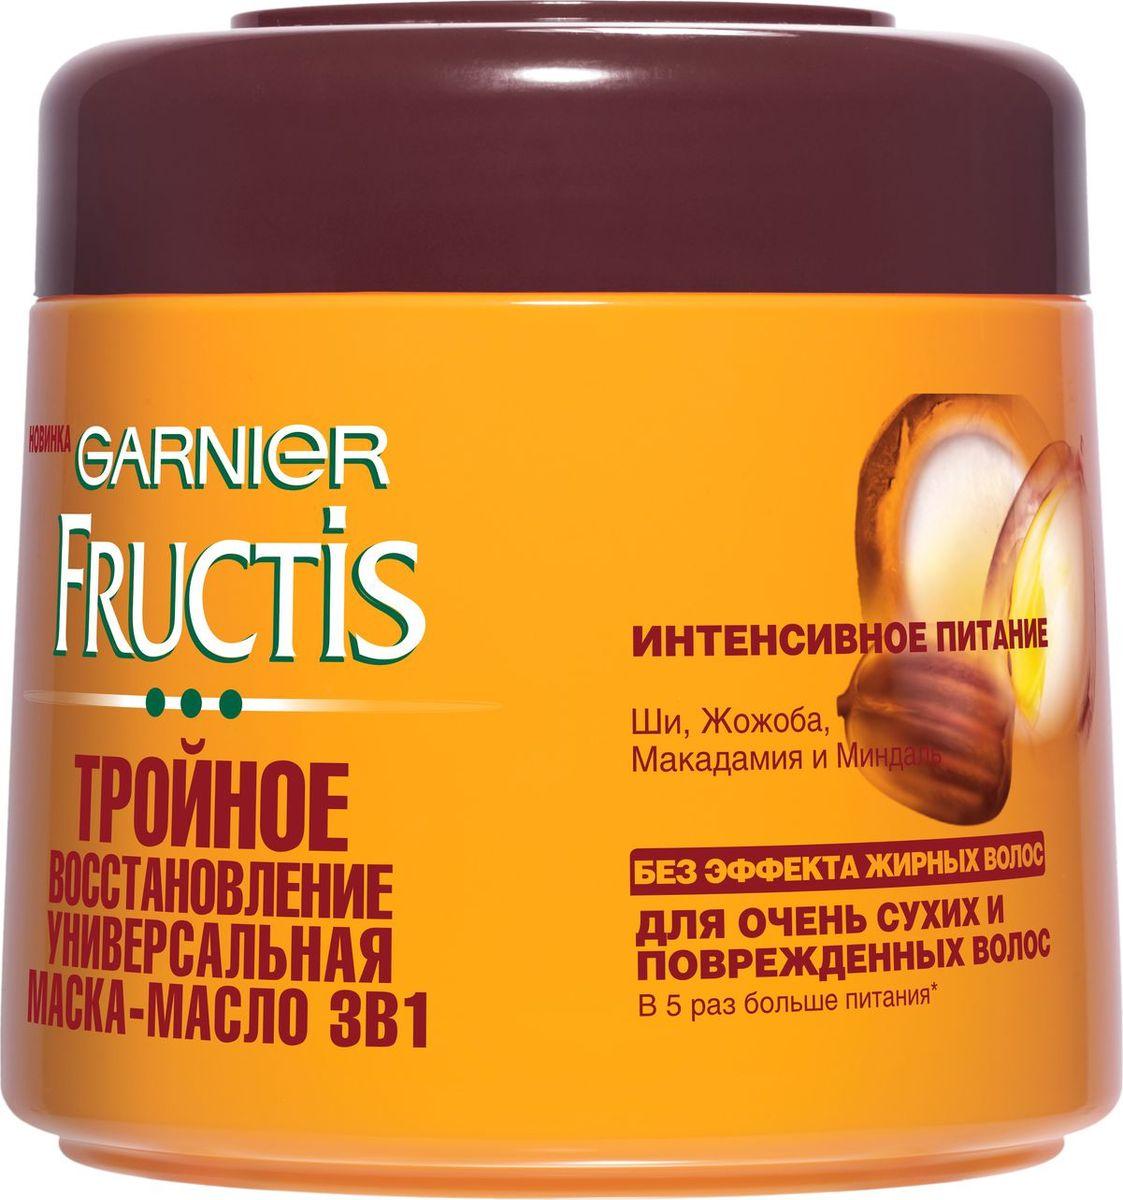 Garnier Fructis Масло-Маска 3 в 1 Фруктис, Тройное Восстановление, для очень сухих и поврежденных волос, 300 мл, с маслами Ши, Макадамии, Жожоба и МиндаляFS-00897Обогащенная маслами Ши, Макадамии, Жожоба и Миндаля маска интенсивно питает волокно волоса, восстанавливает его силу и придает мягкость. Без эффекта жирных волос. Ее тающая текстура отвечает всем потребностям сухих волос и обеспечивает питание на 48 часов.РЕЗУЛЬТАТ:В 5 раз больше питания. Волосы мягкие и шелковистые. Сохраняет питание на 48 часов.